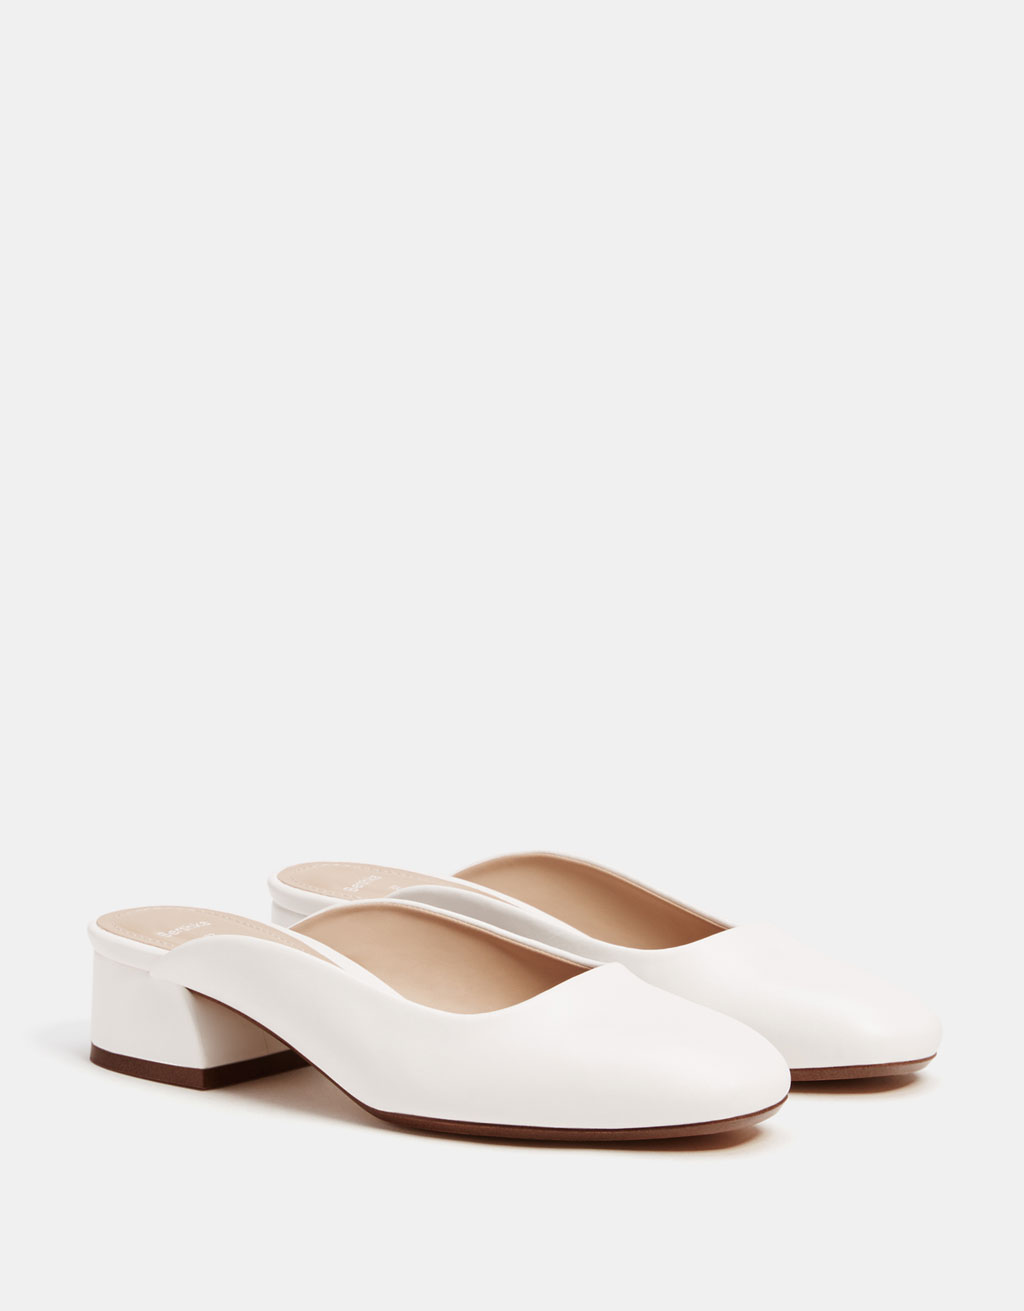 Zapato destalonado branco